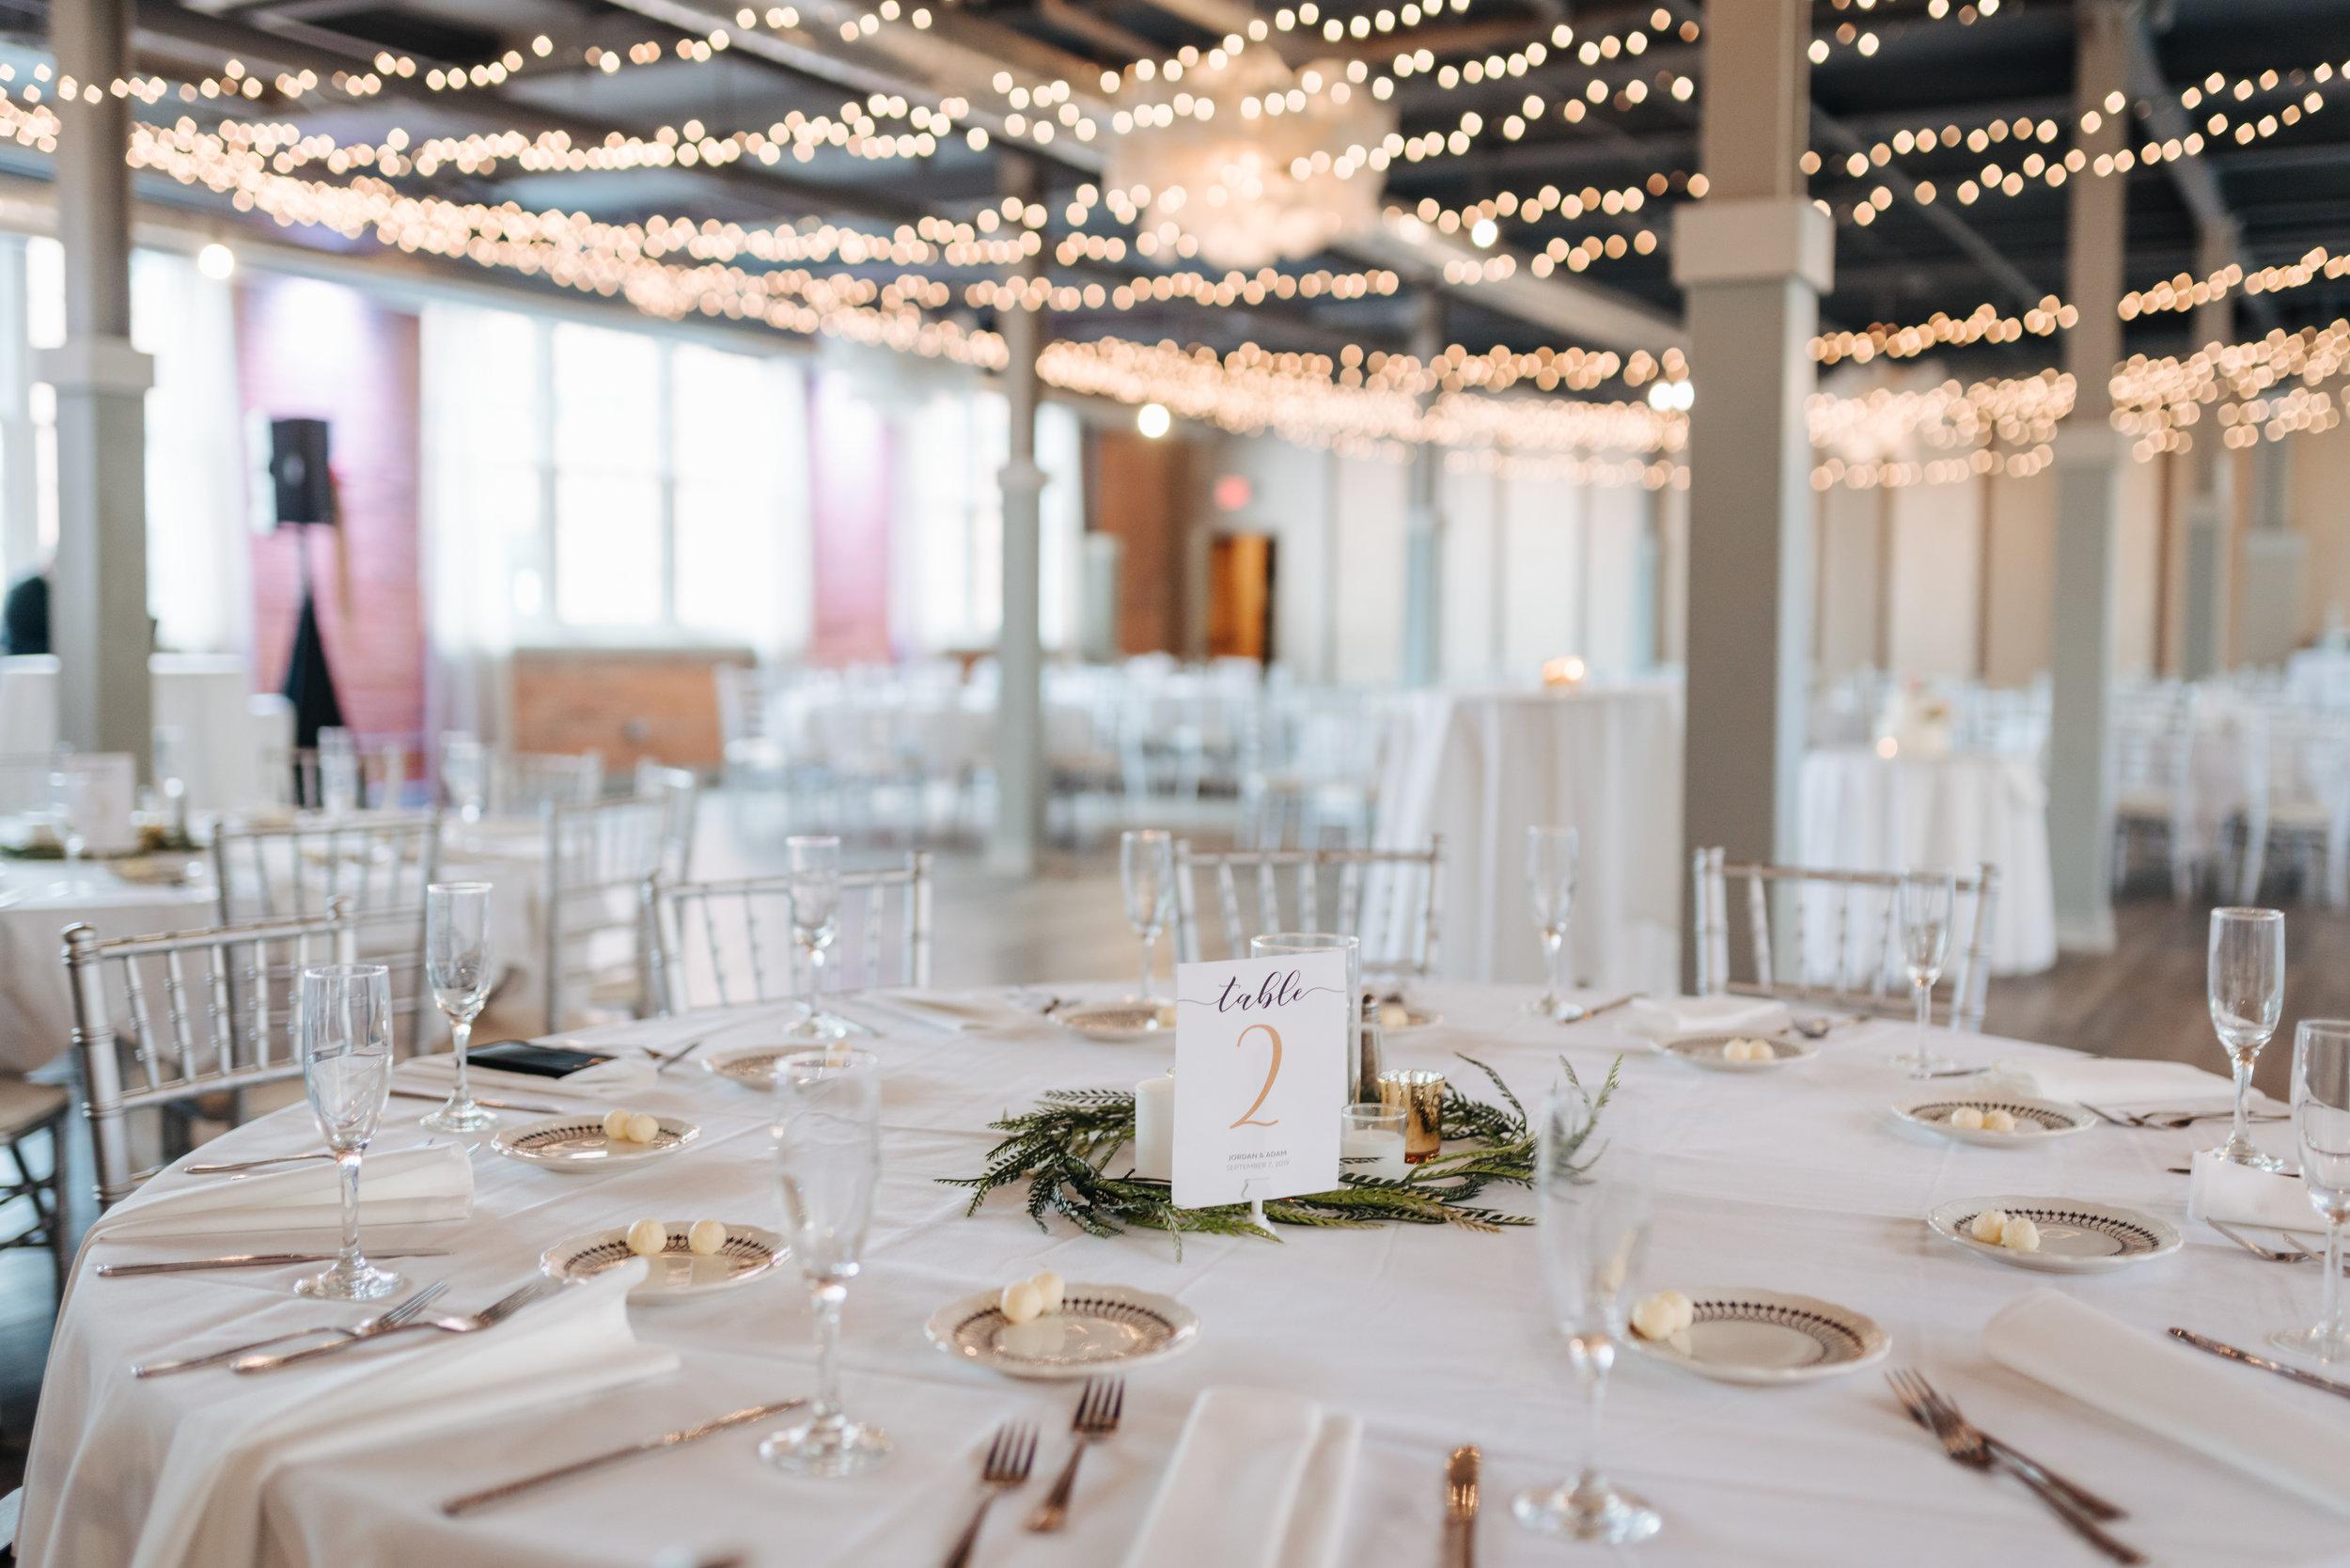 buffalo-ny-foundry-wedding-reception-details.jpg